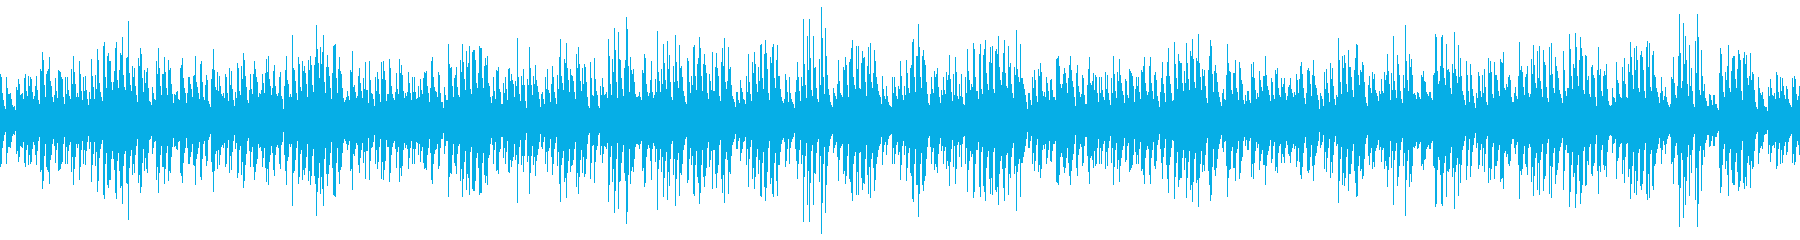 のんびりウクレレと木琴のゆるい曲の再生済みの波形